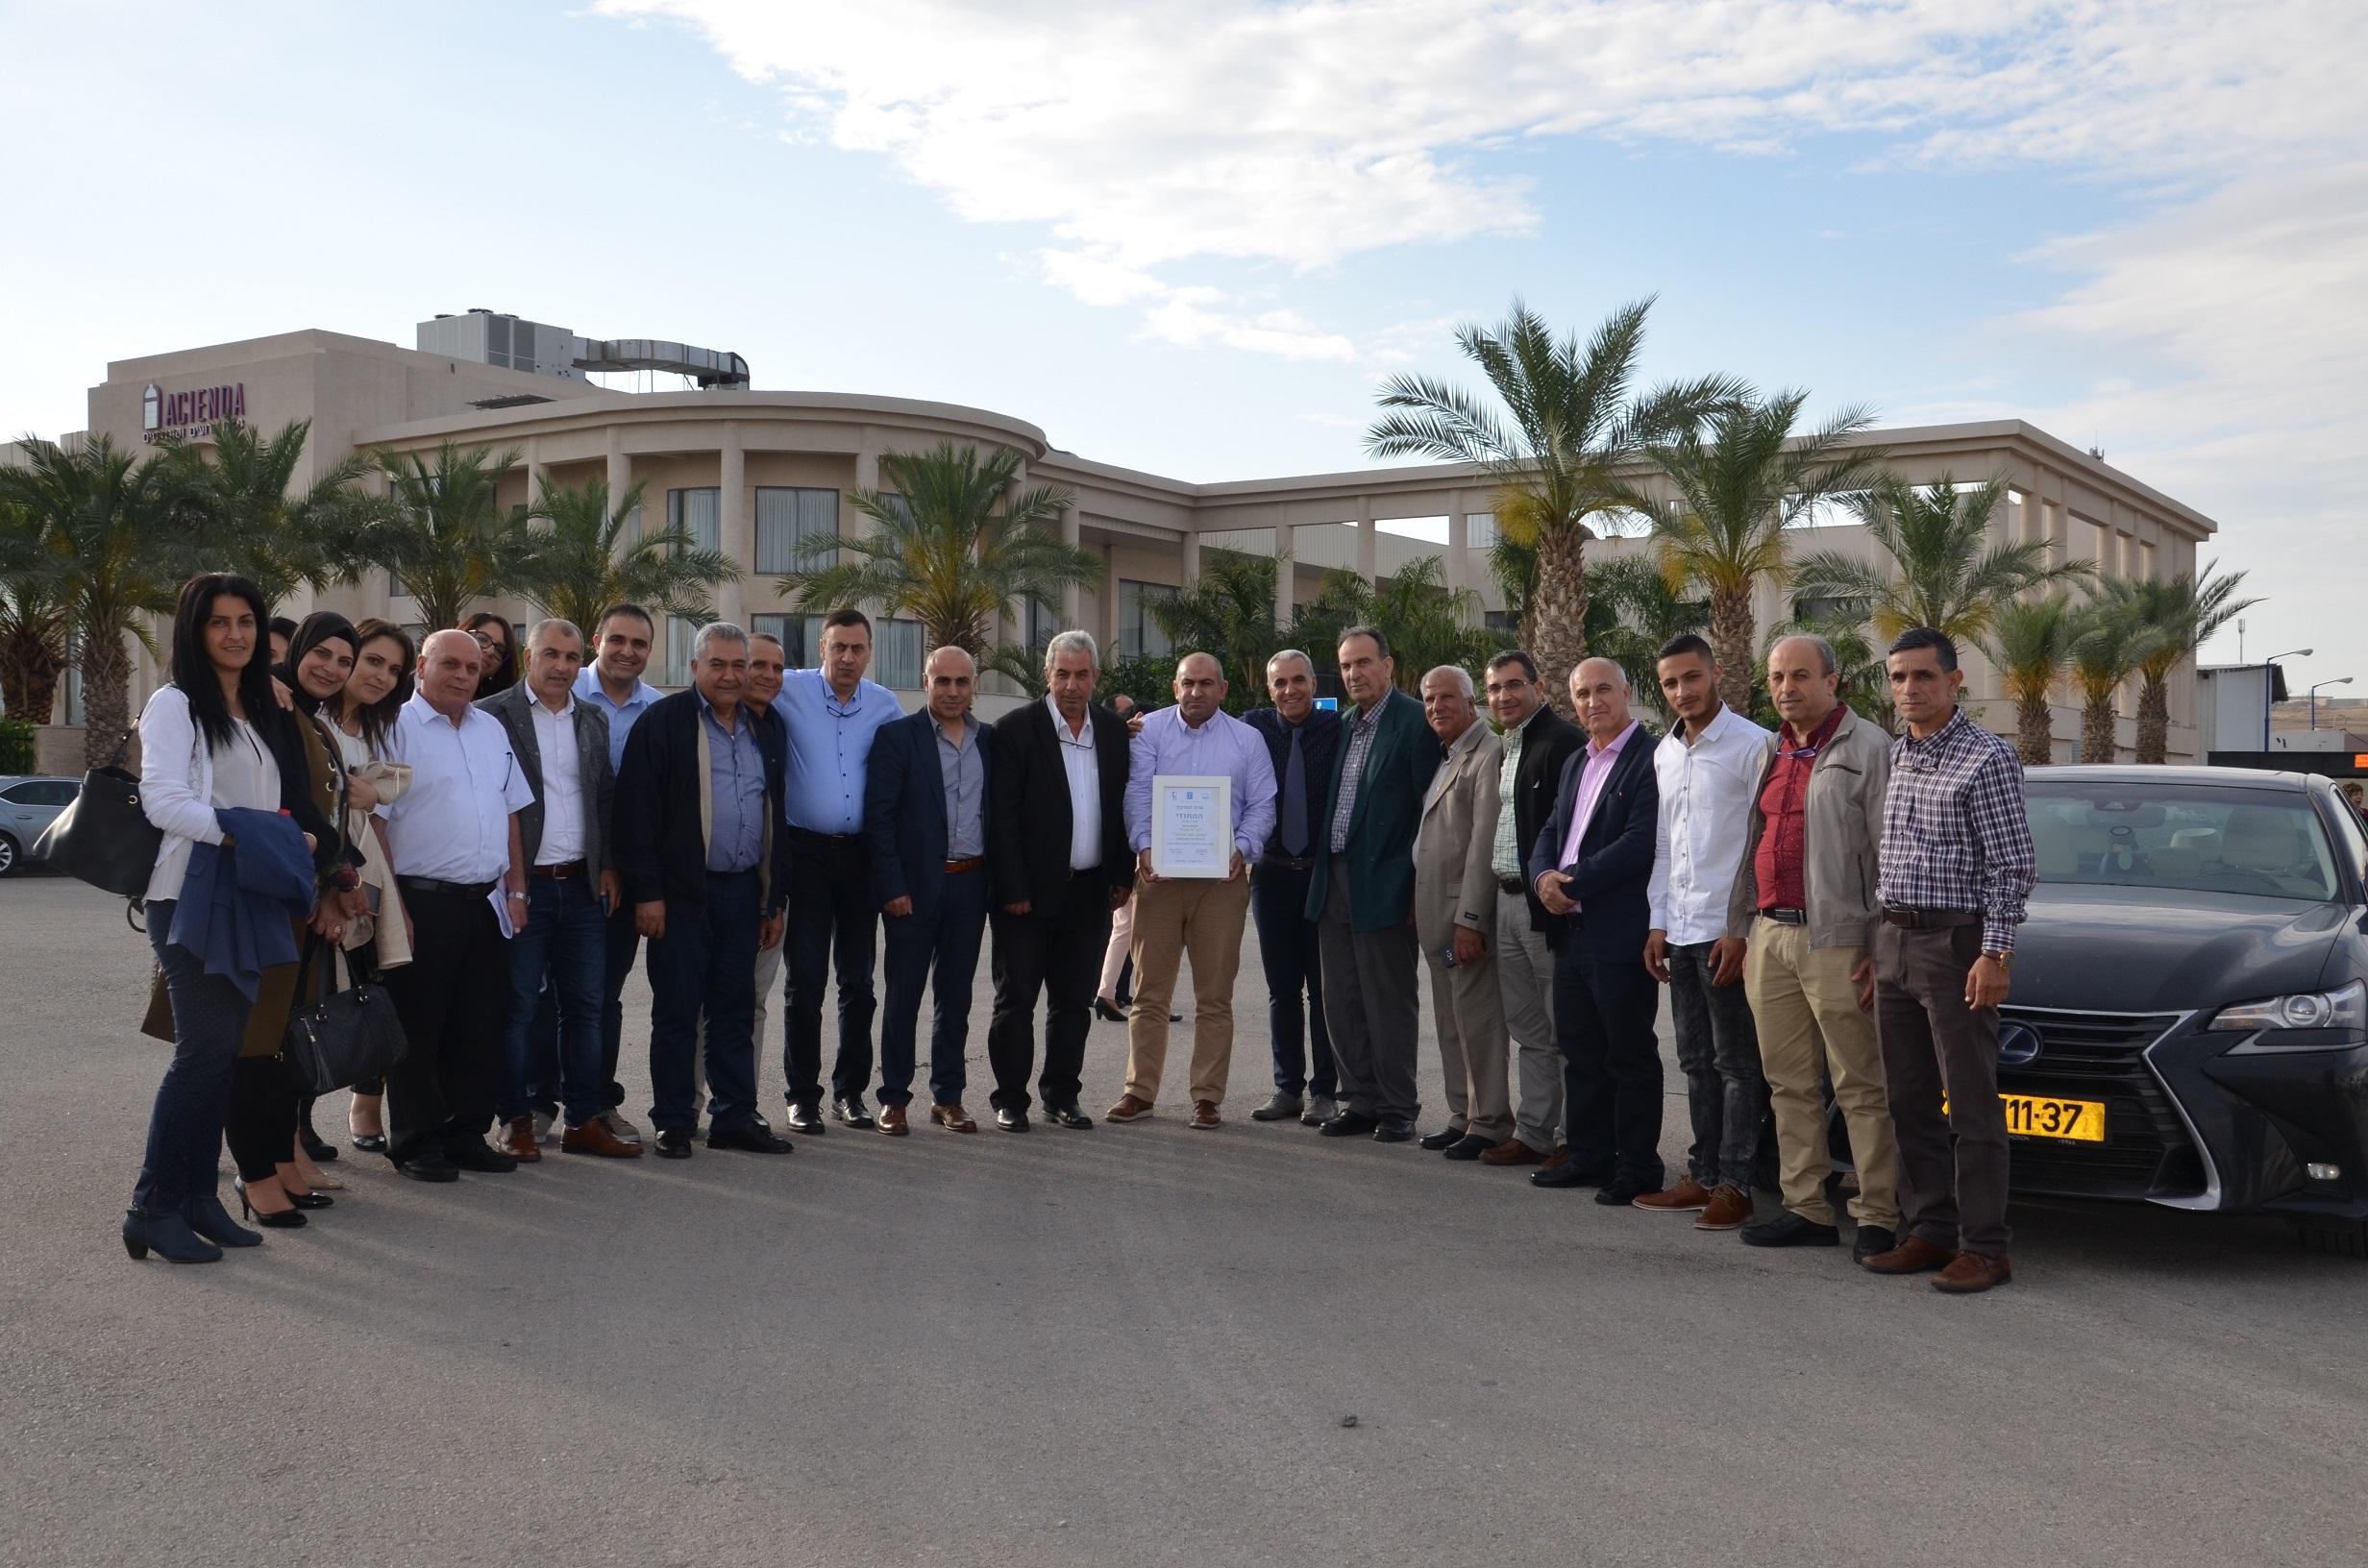 """בית הספר התיכון ע""""ש כאוכב אבו אלהיג'א זכה בפרס משרד החינוך למצוינות לצד עשרות בתי ספר ומחנכים"""